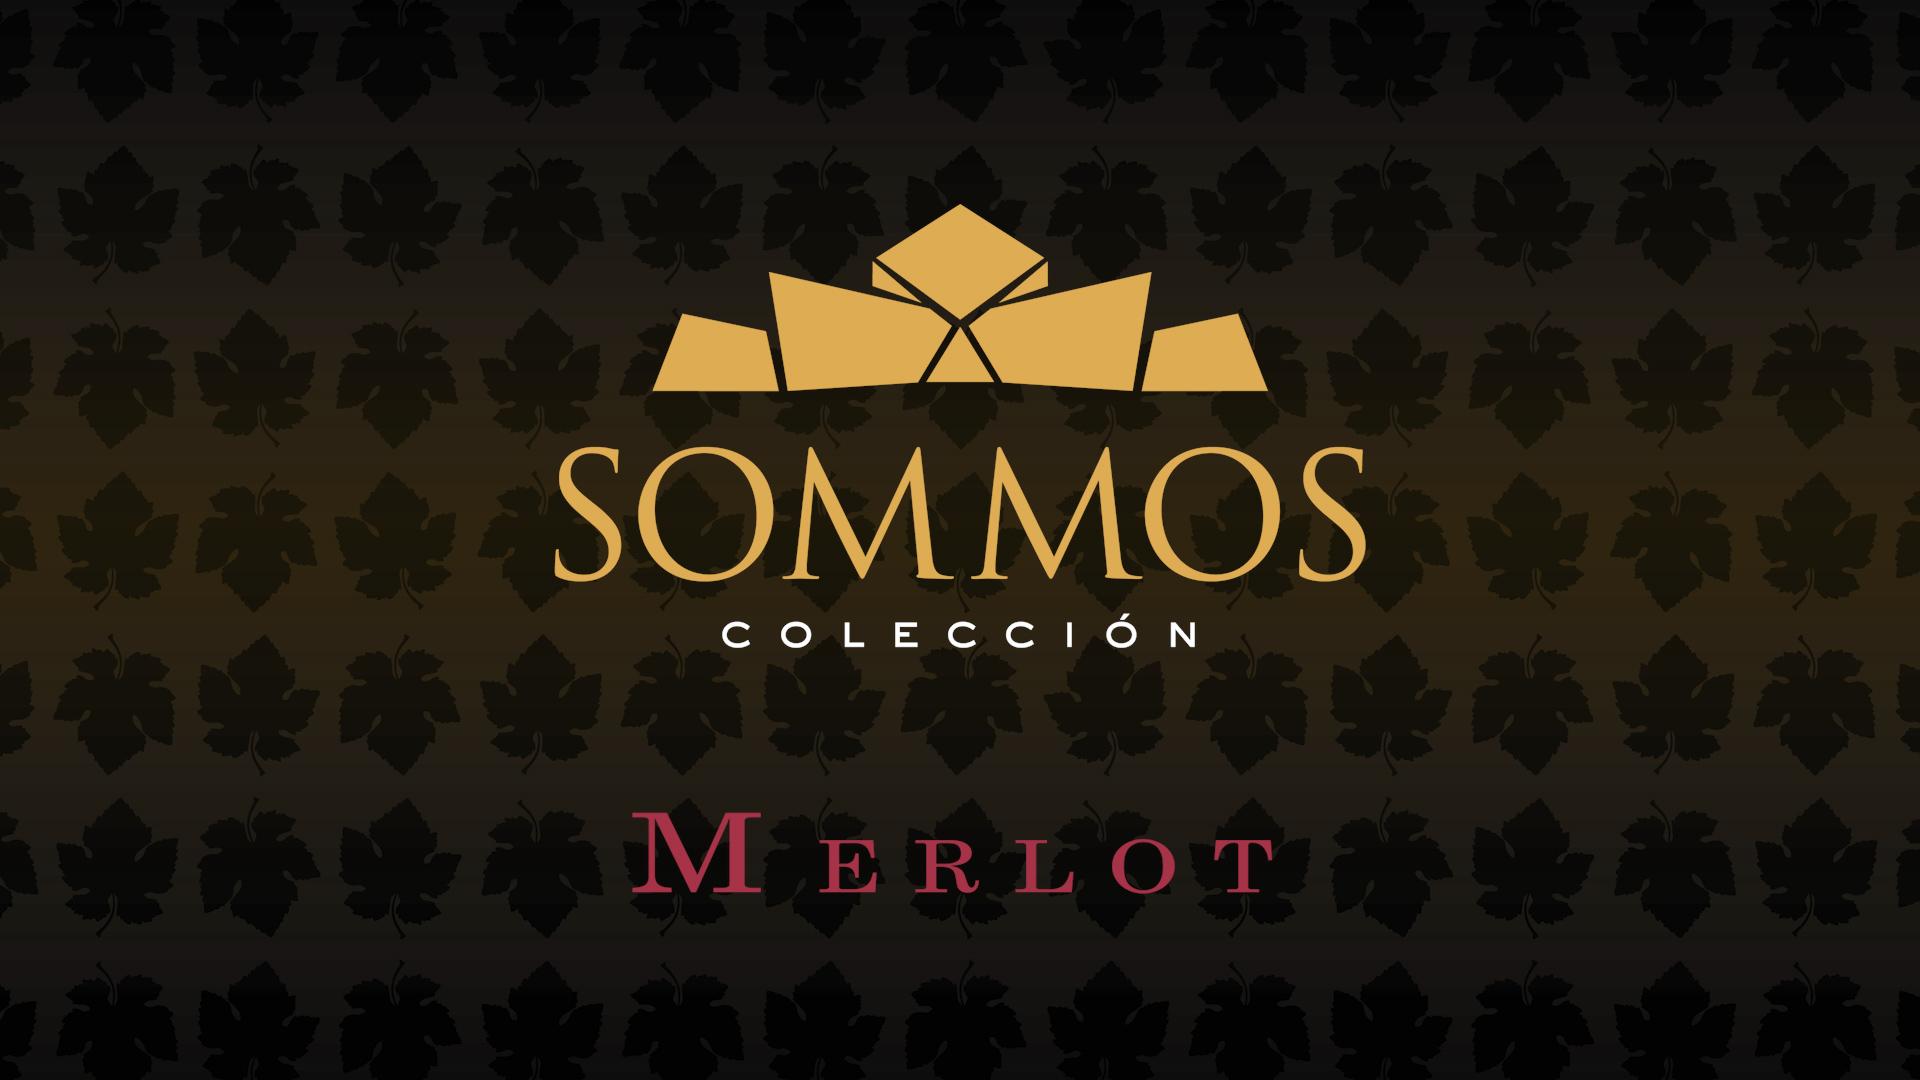 SOMMOS Colección - Merlot